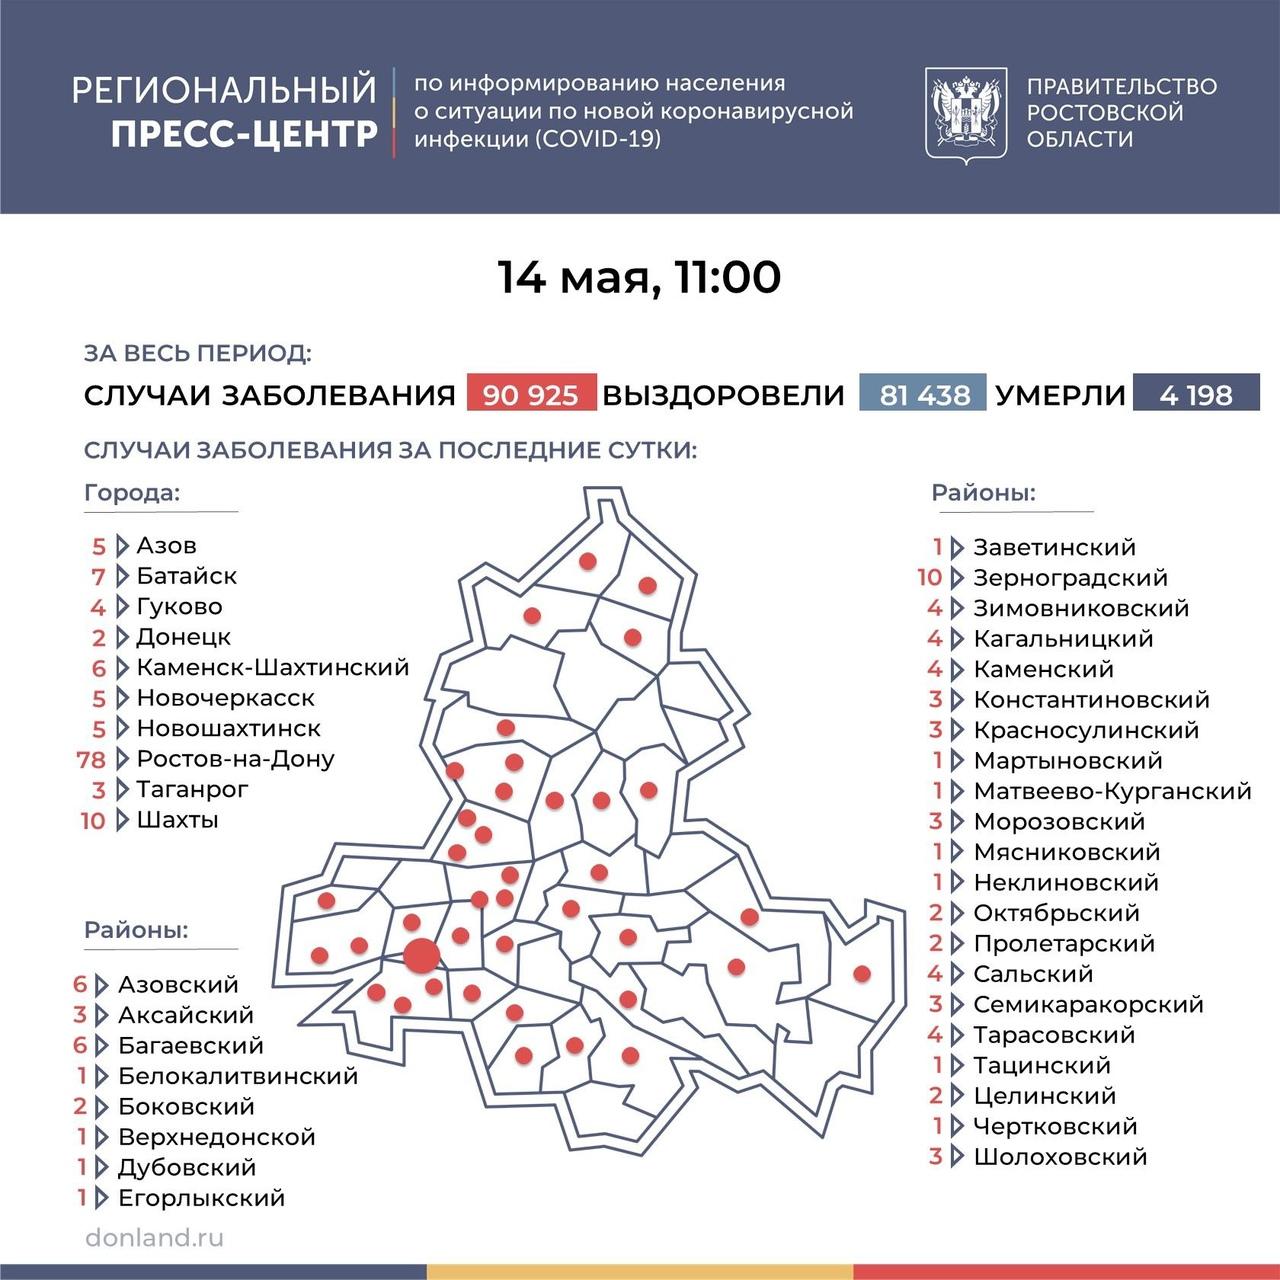 На Дону число инфицированных COVID-19 составляет 204, в Таганроге 3 новых случая